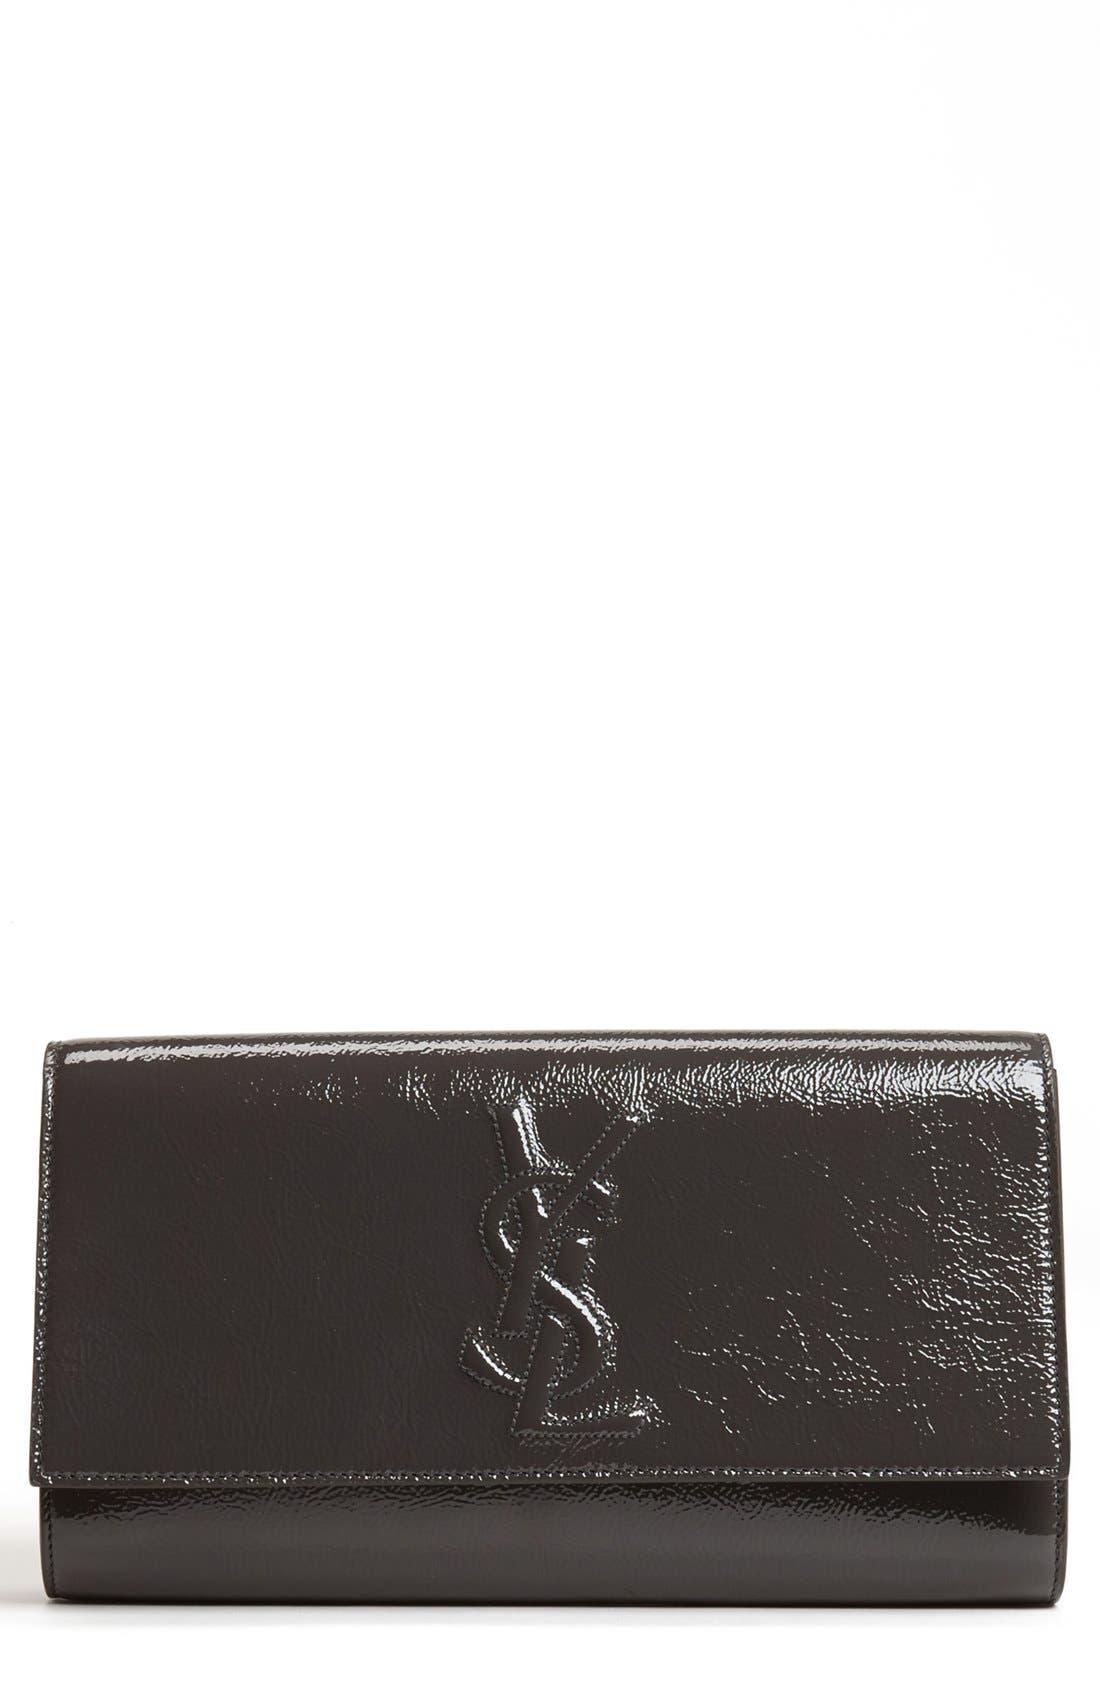 Main Image - Yves Saint Laurent 'Belle de Jour - Large' Patent Envelope Clutch